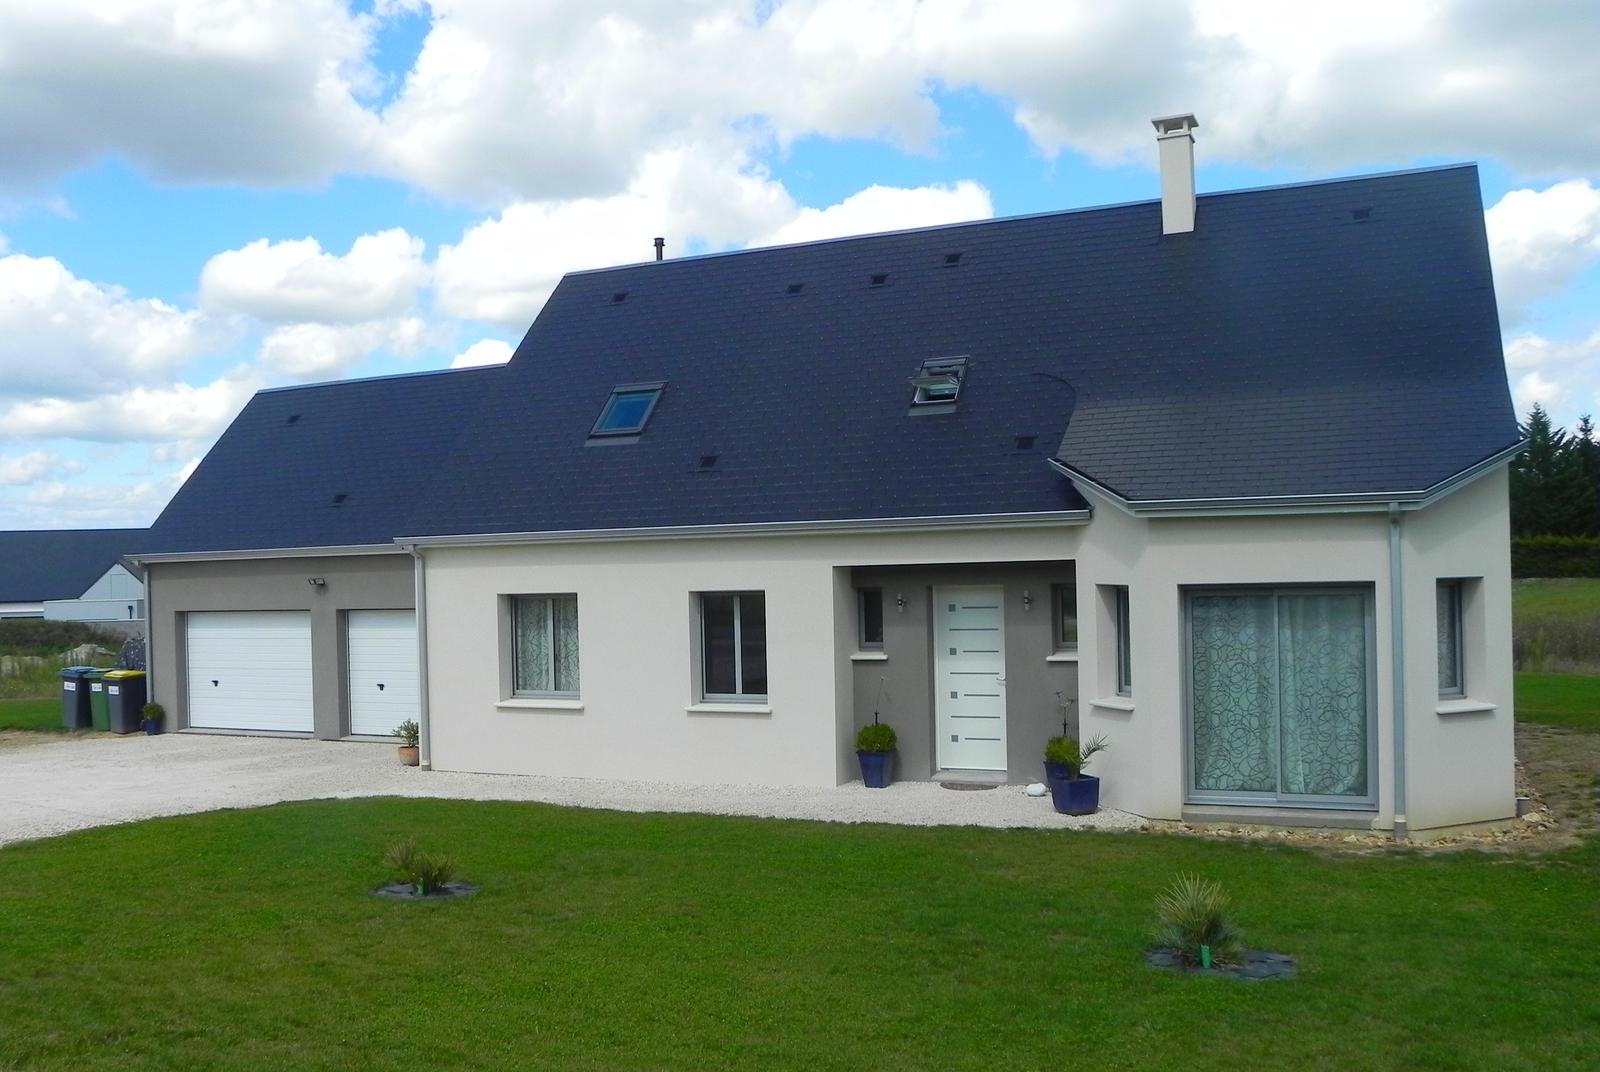 Concevoir sa maison simple la premire formation en ligne for Concevoir plan maison